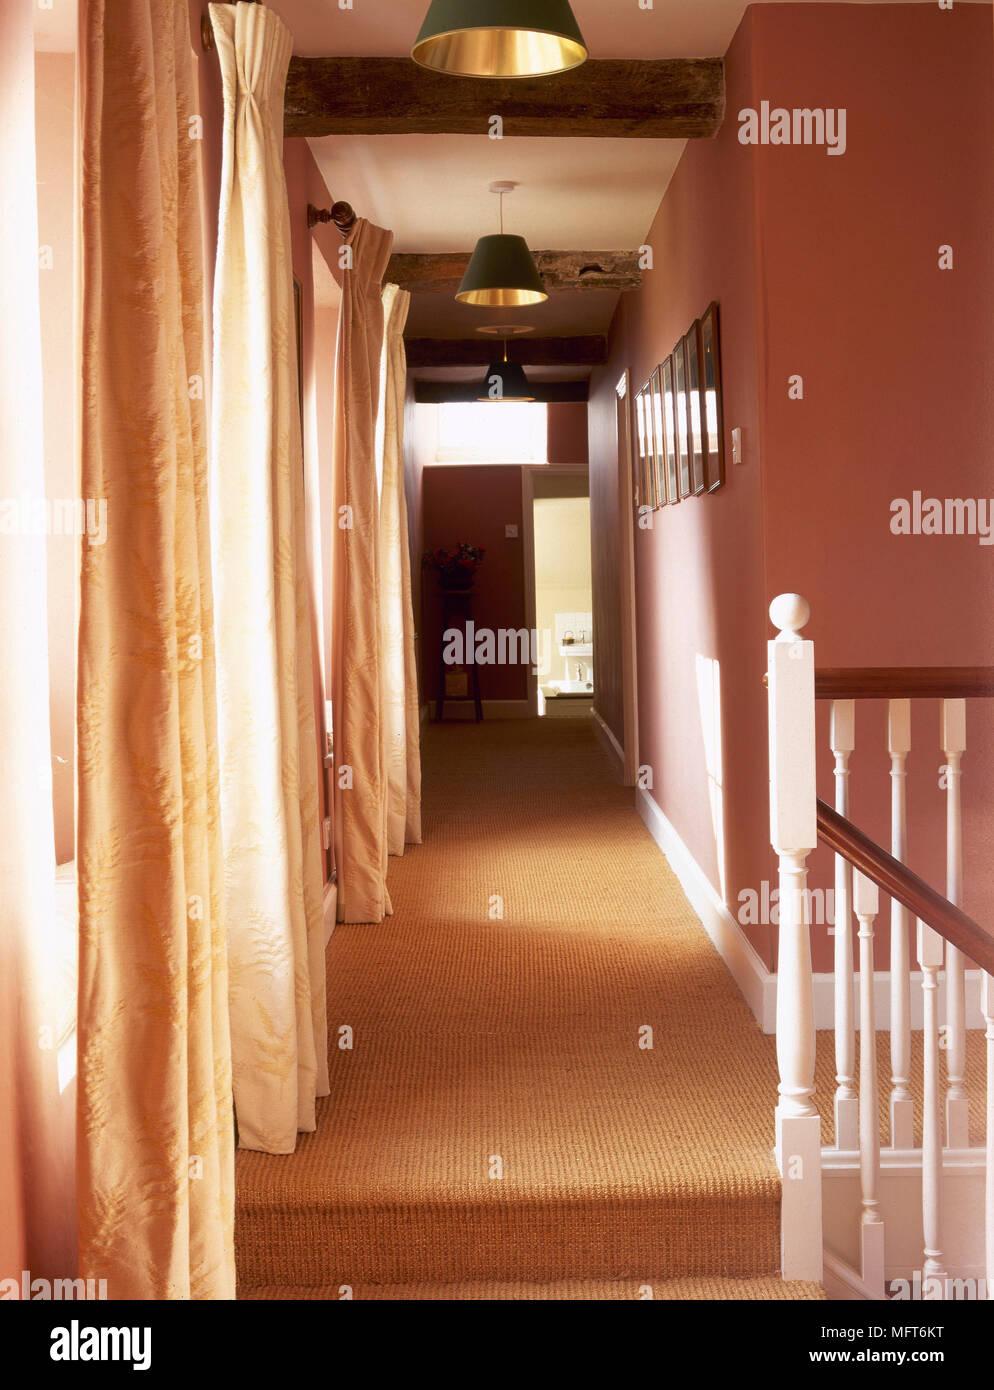 Teppichboden Treppe Landung Und Den Flur Mit Terracotta Farbe Wände